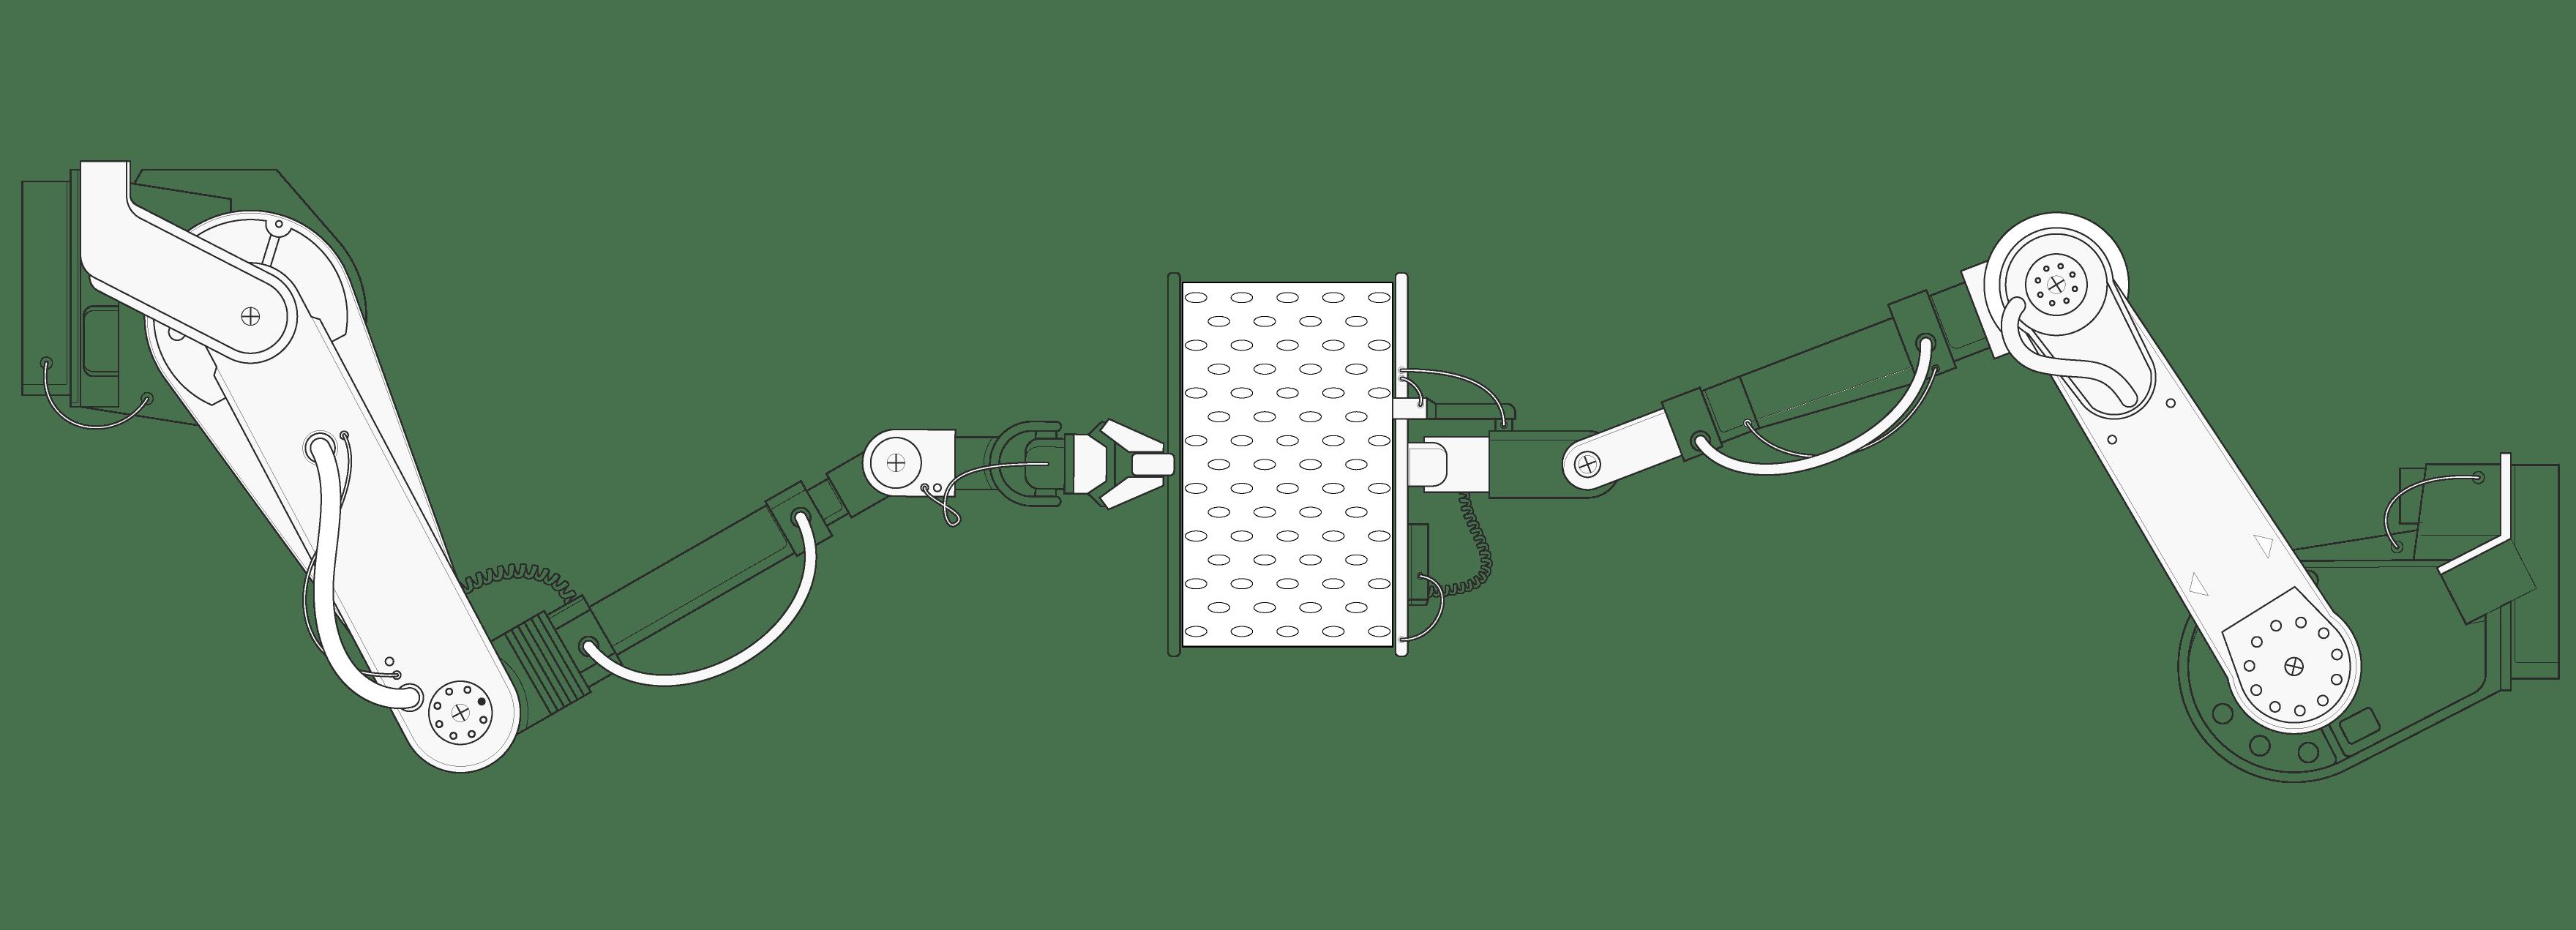 Illustration: Un morceau de housse HyBreeze placé entre deux énormes bras de robot hydrauliques qui l'étirent sur les côtés.